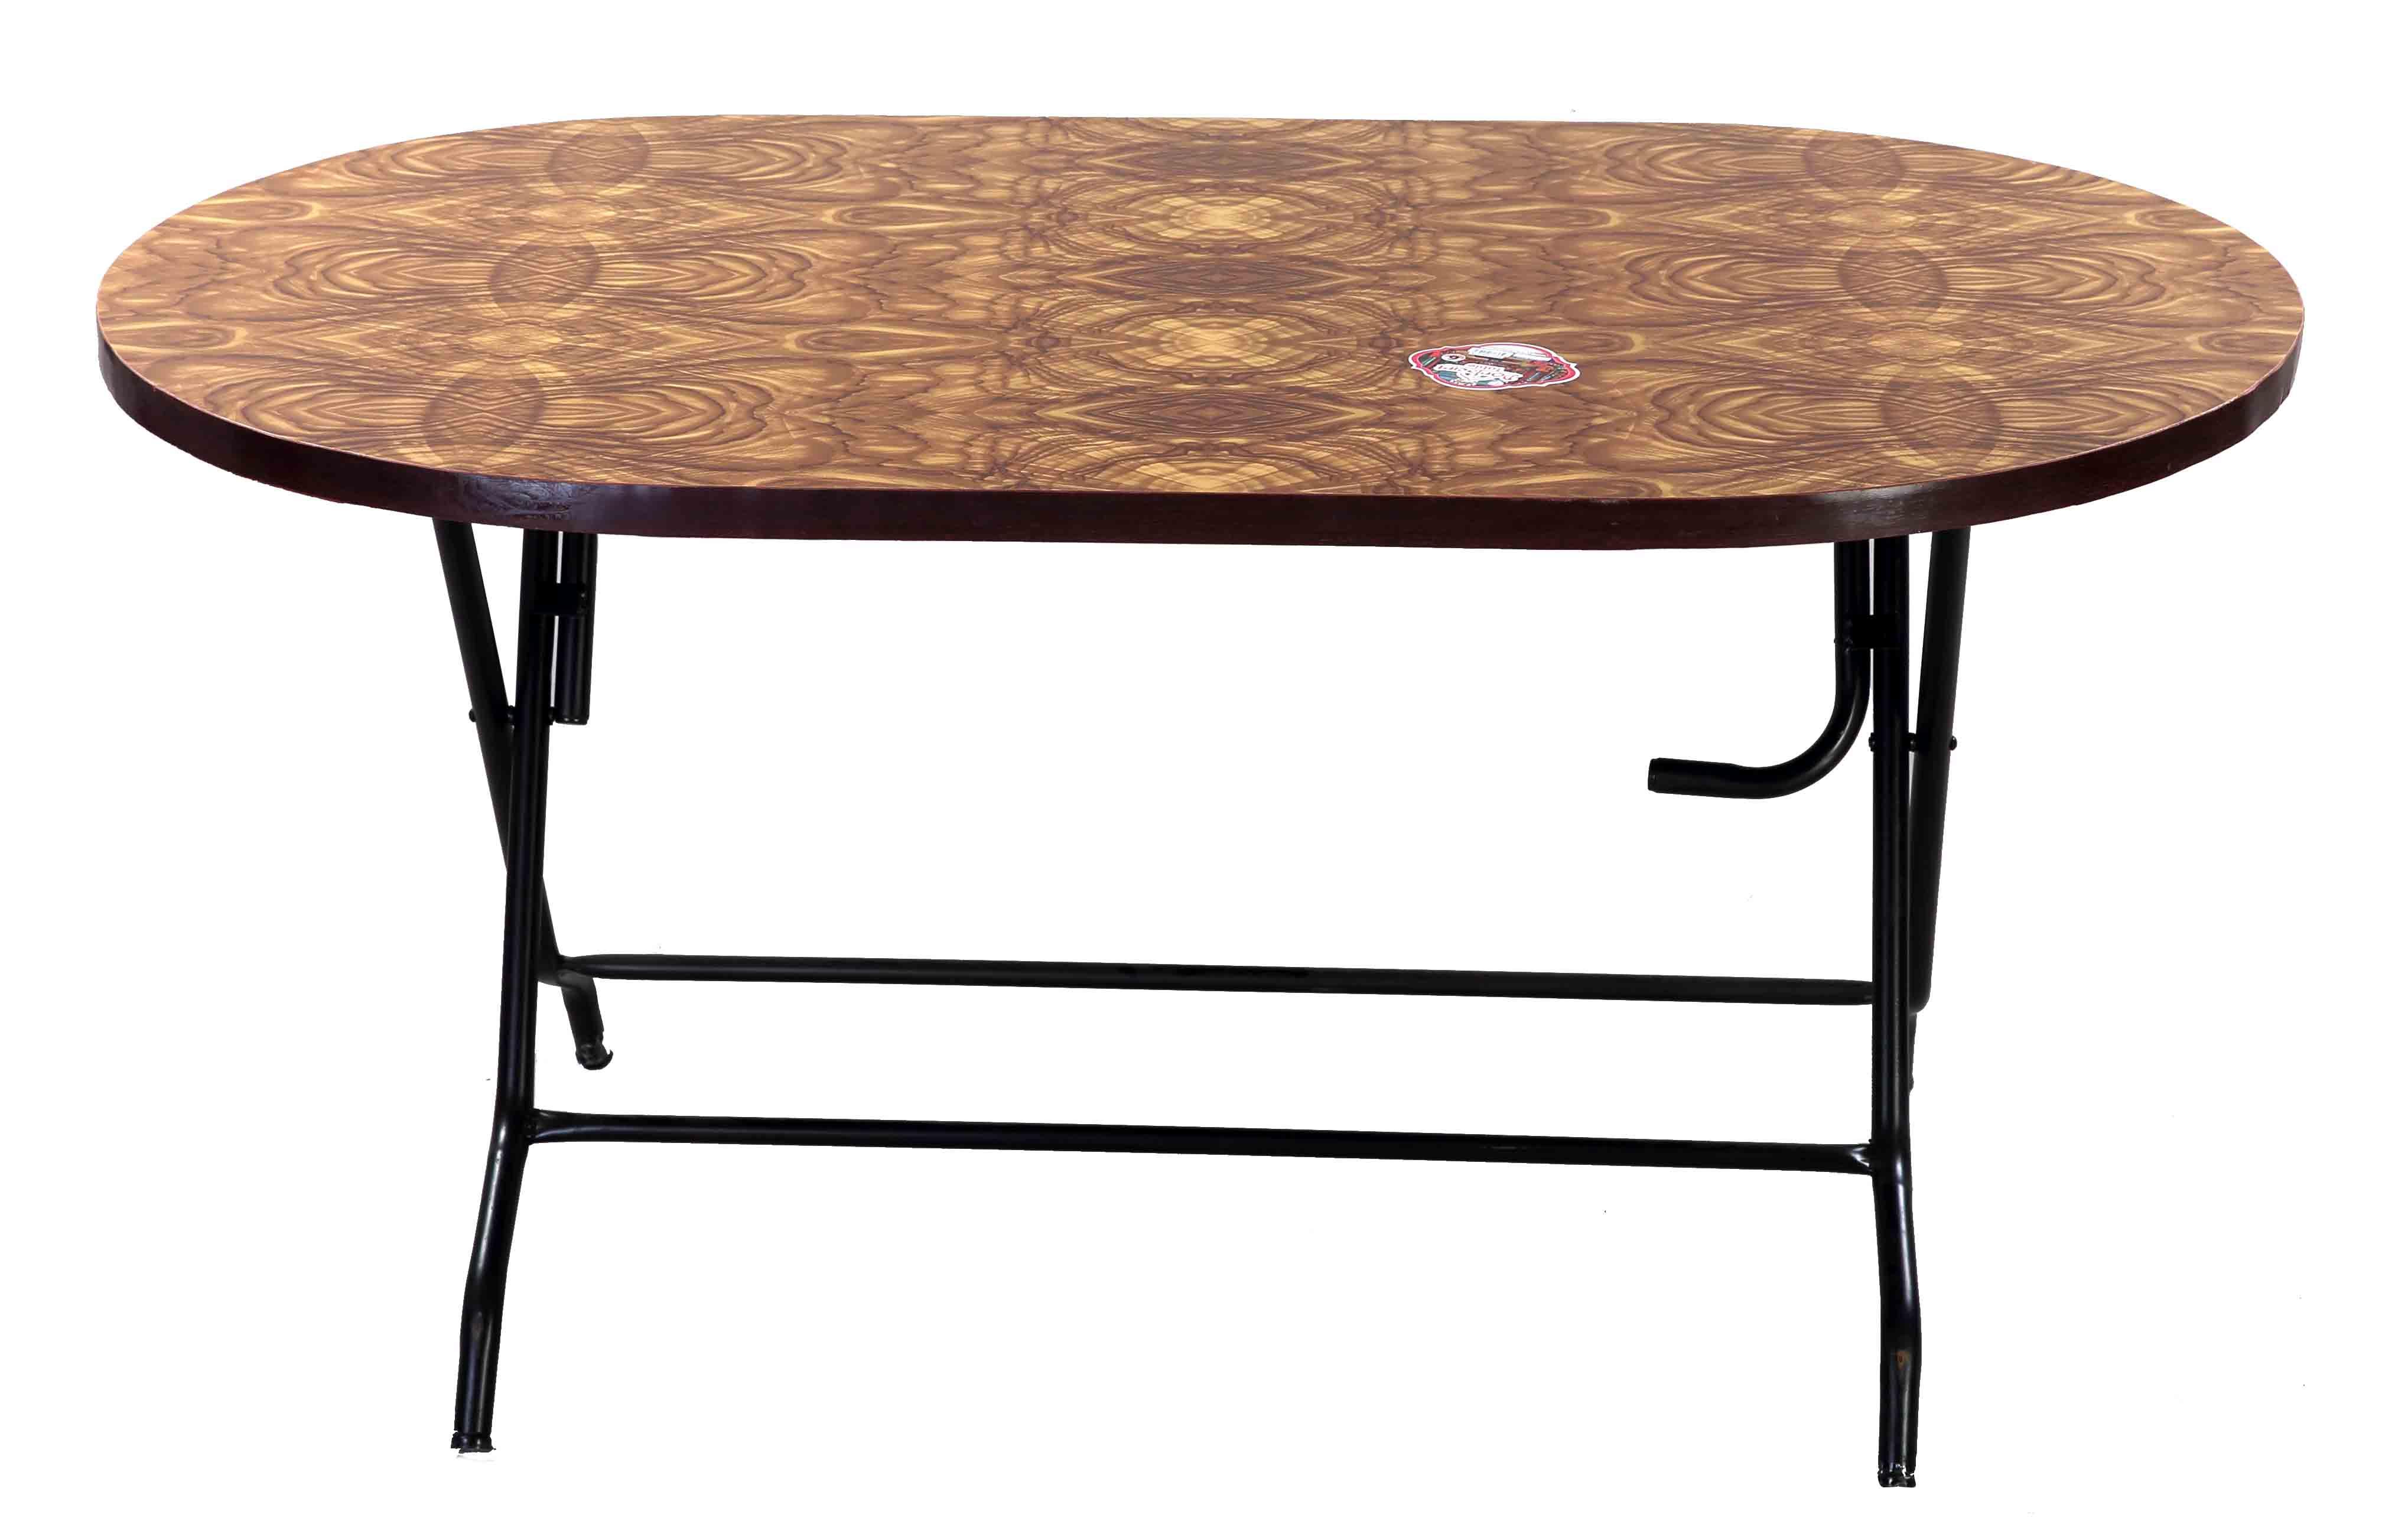 Dorbari Table 6 Seated St/Leg